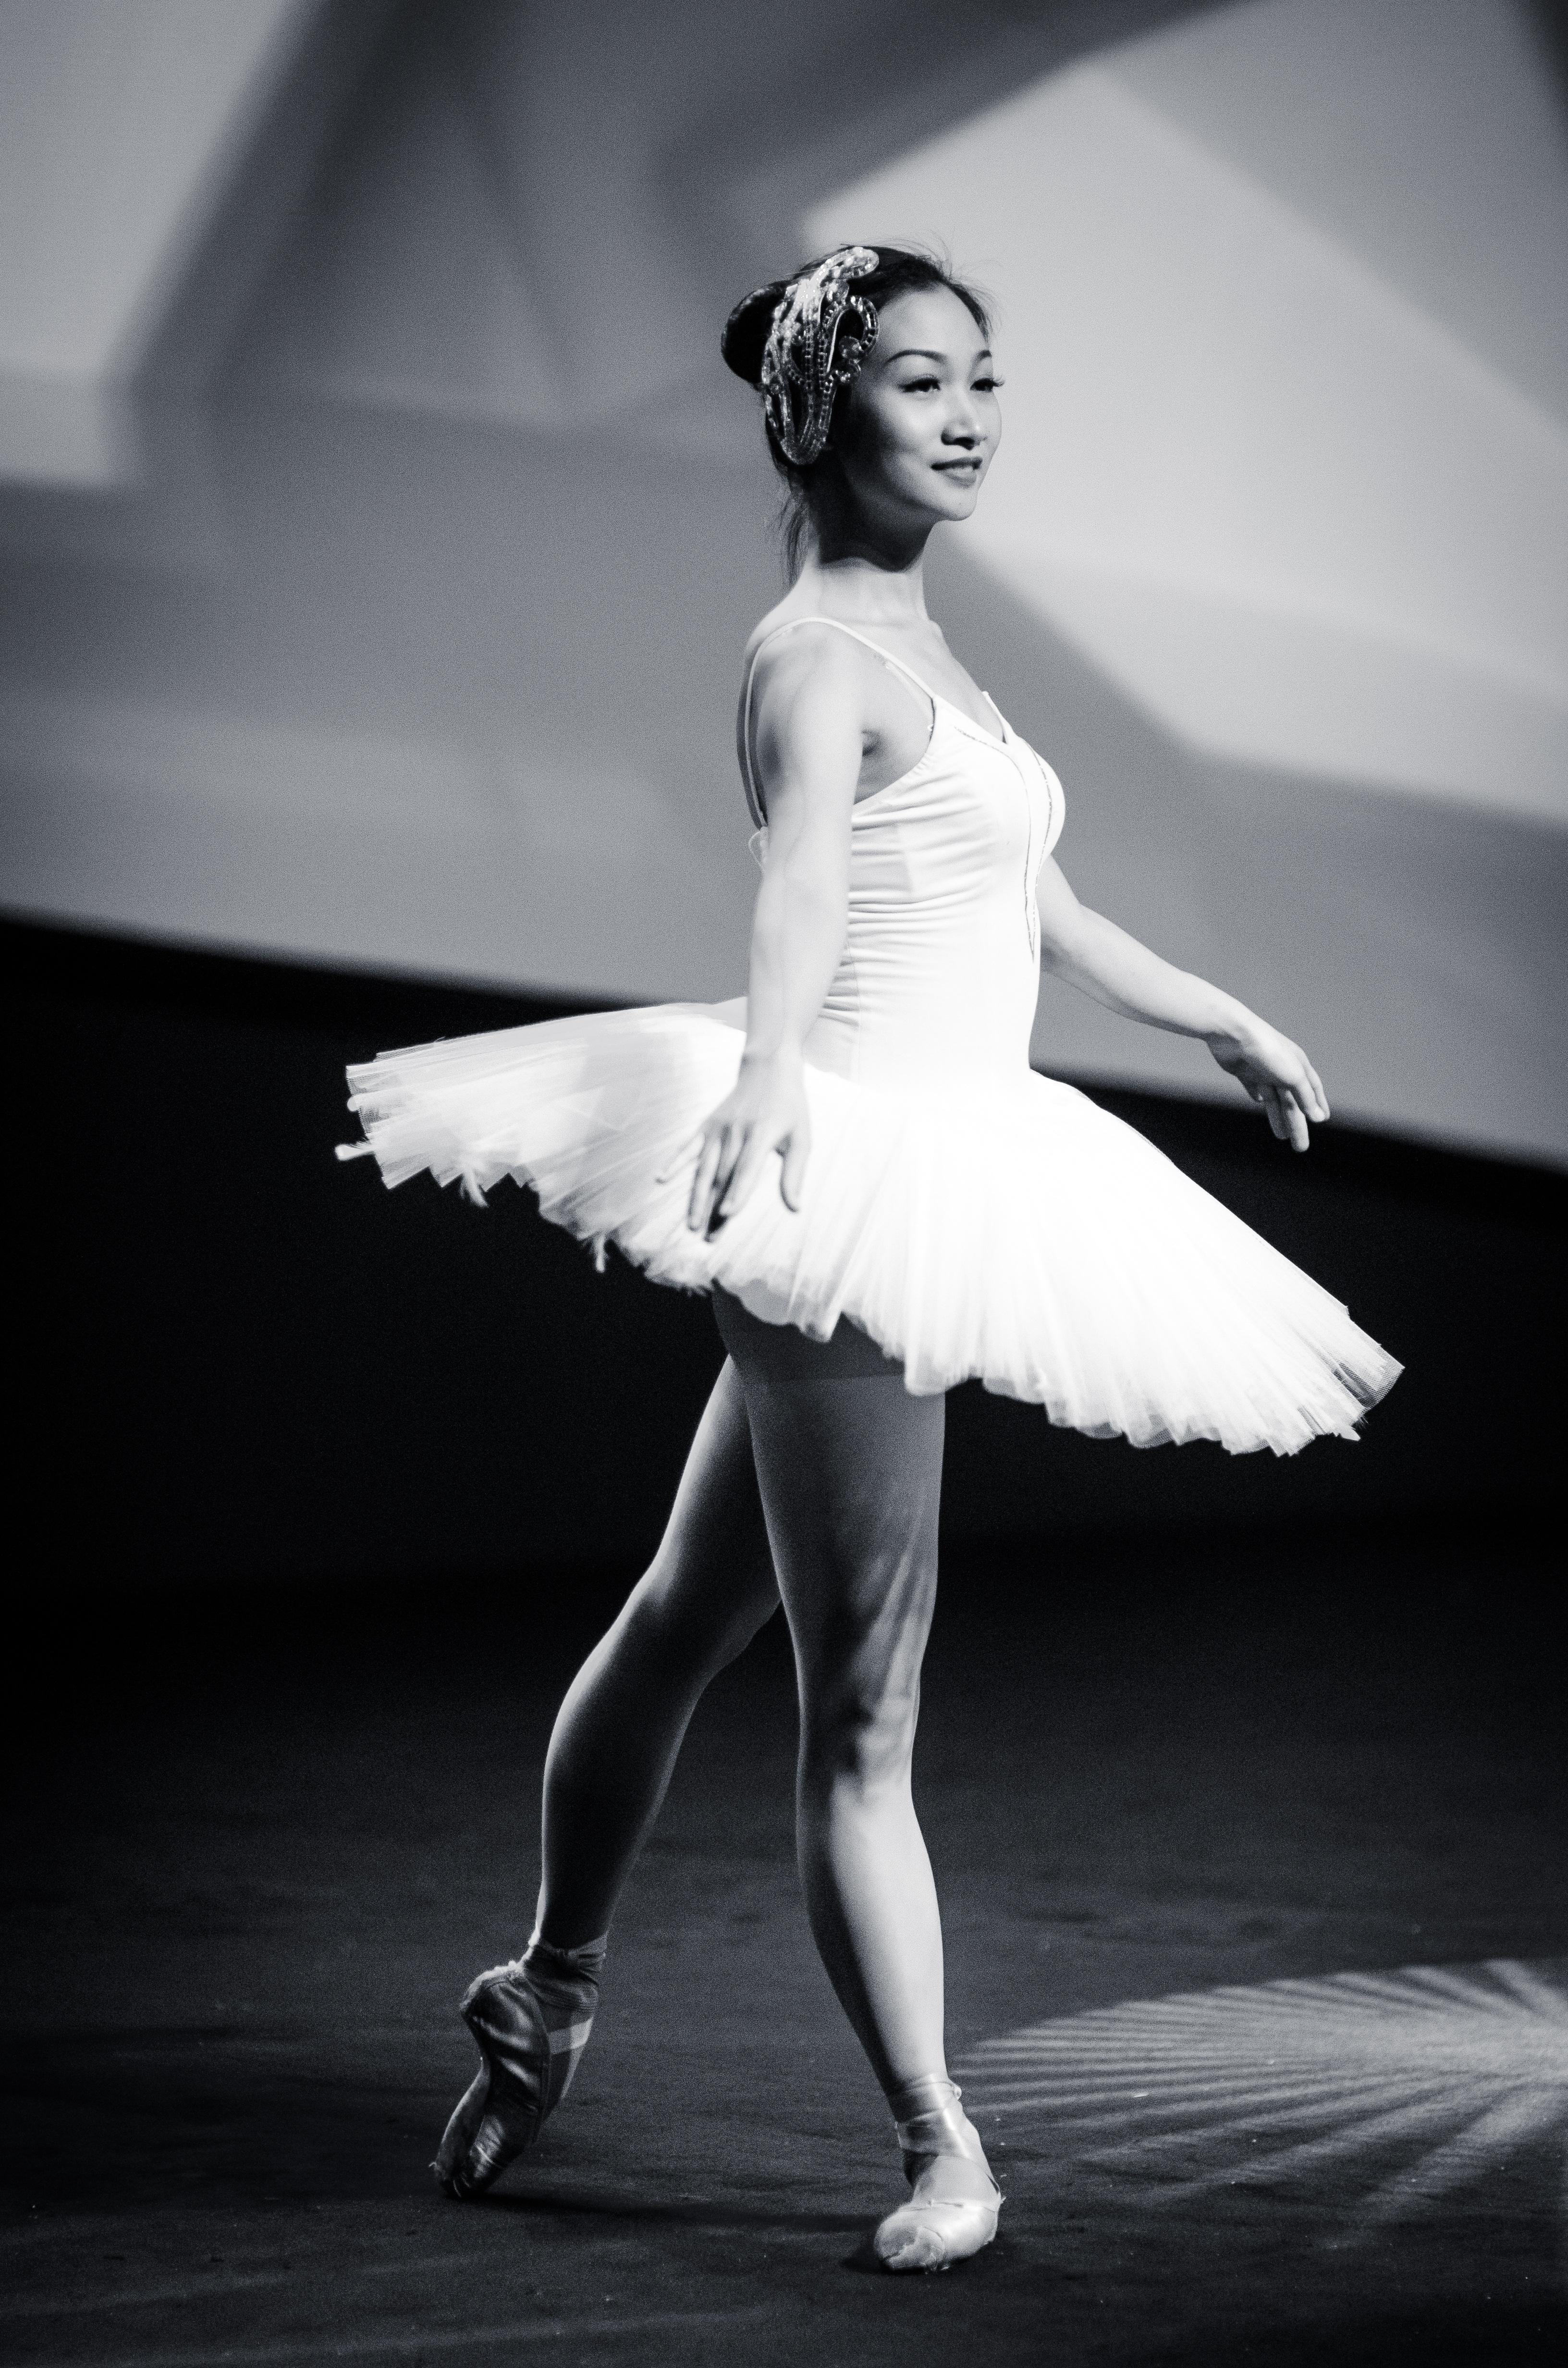 https://images.pexels.com/photos/39572/ballet-dance-dancer-ballerina-39572.jpeg